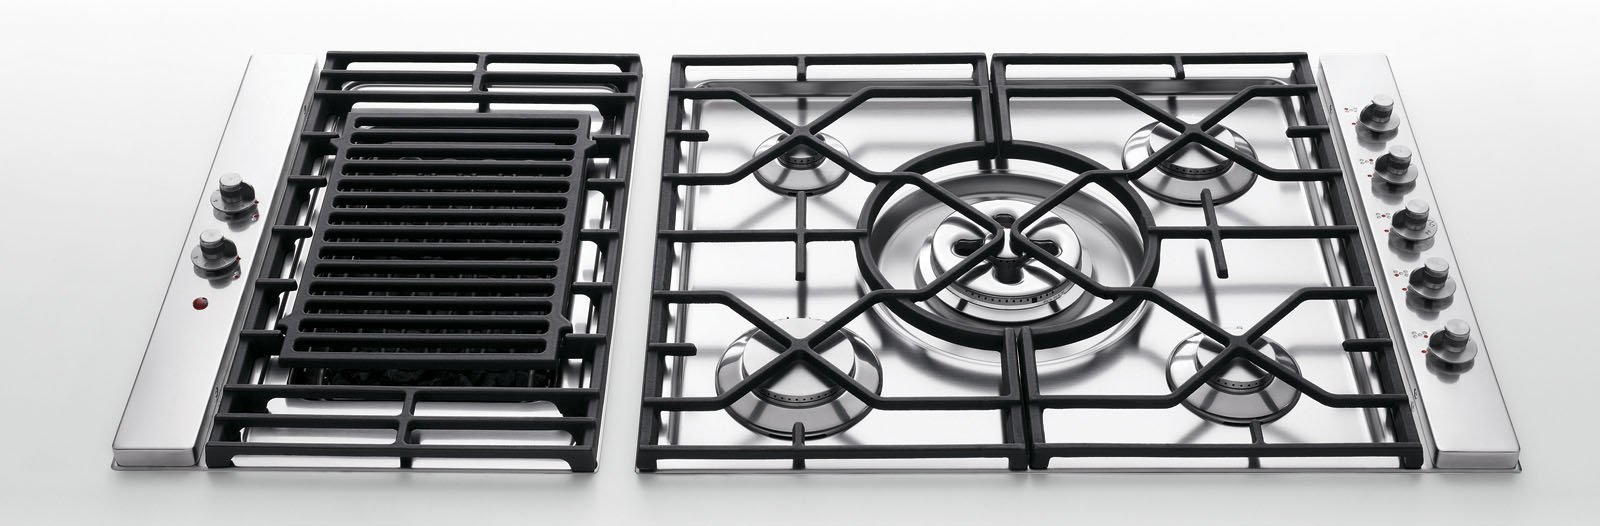 Piani cottura con o senza fiamma cose di casa for Piani di casa artigiano gratis